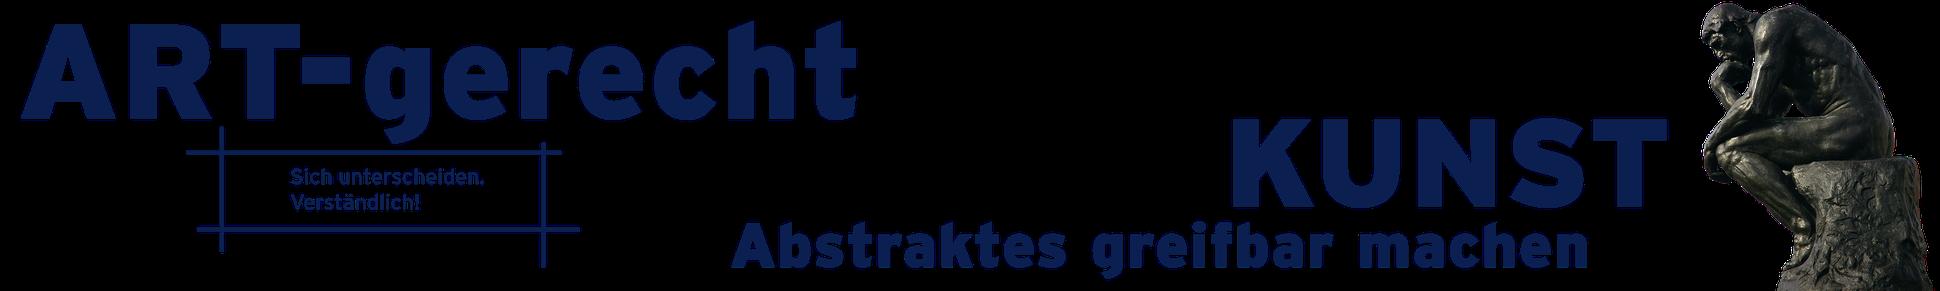 ART-gerecht - STOT Werbetechnik GmbH